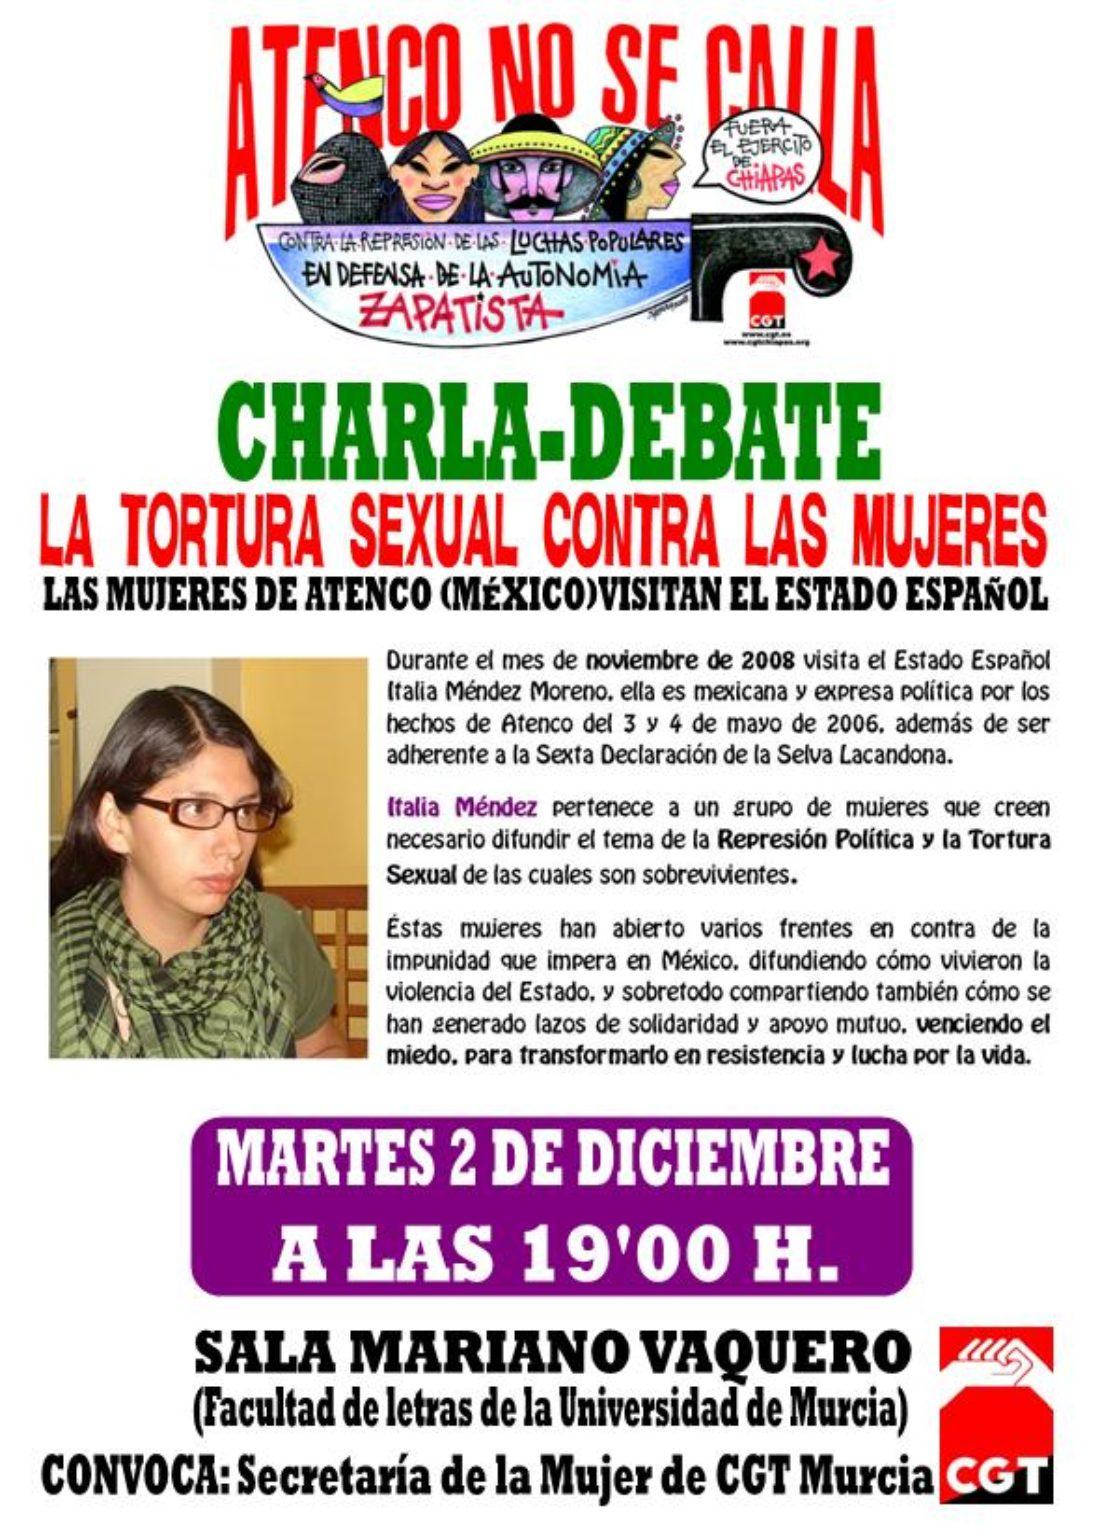 Martes 2 de diciembre a las 19'00 h. Charla-Coloquio de ITALIA MÉNDEZ en la Sala Mariano Vaquero de la Facultad de Letras de la Universidad de Murcia